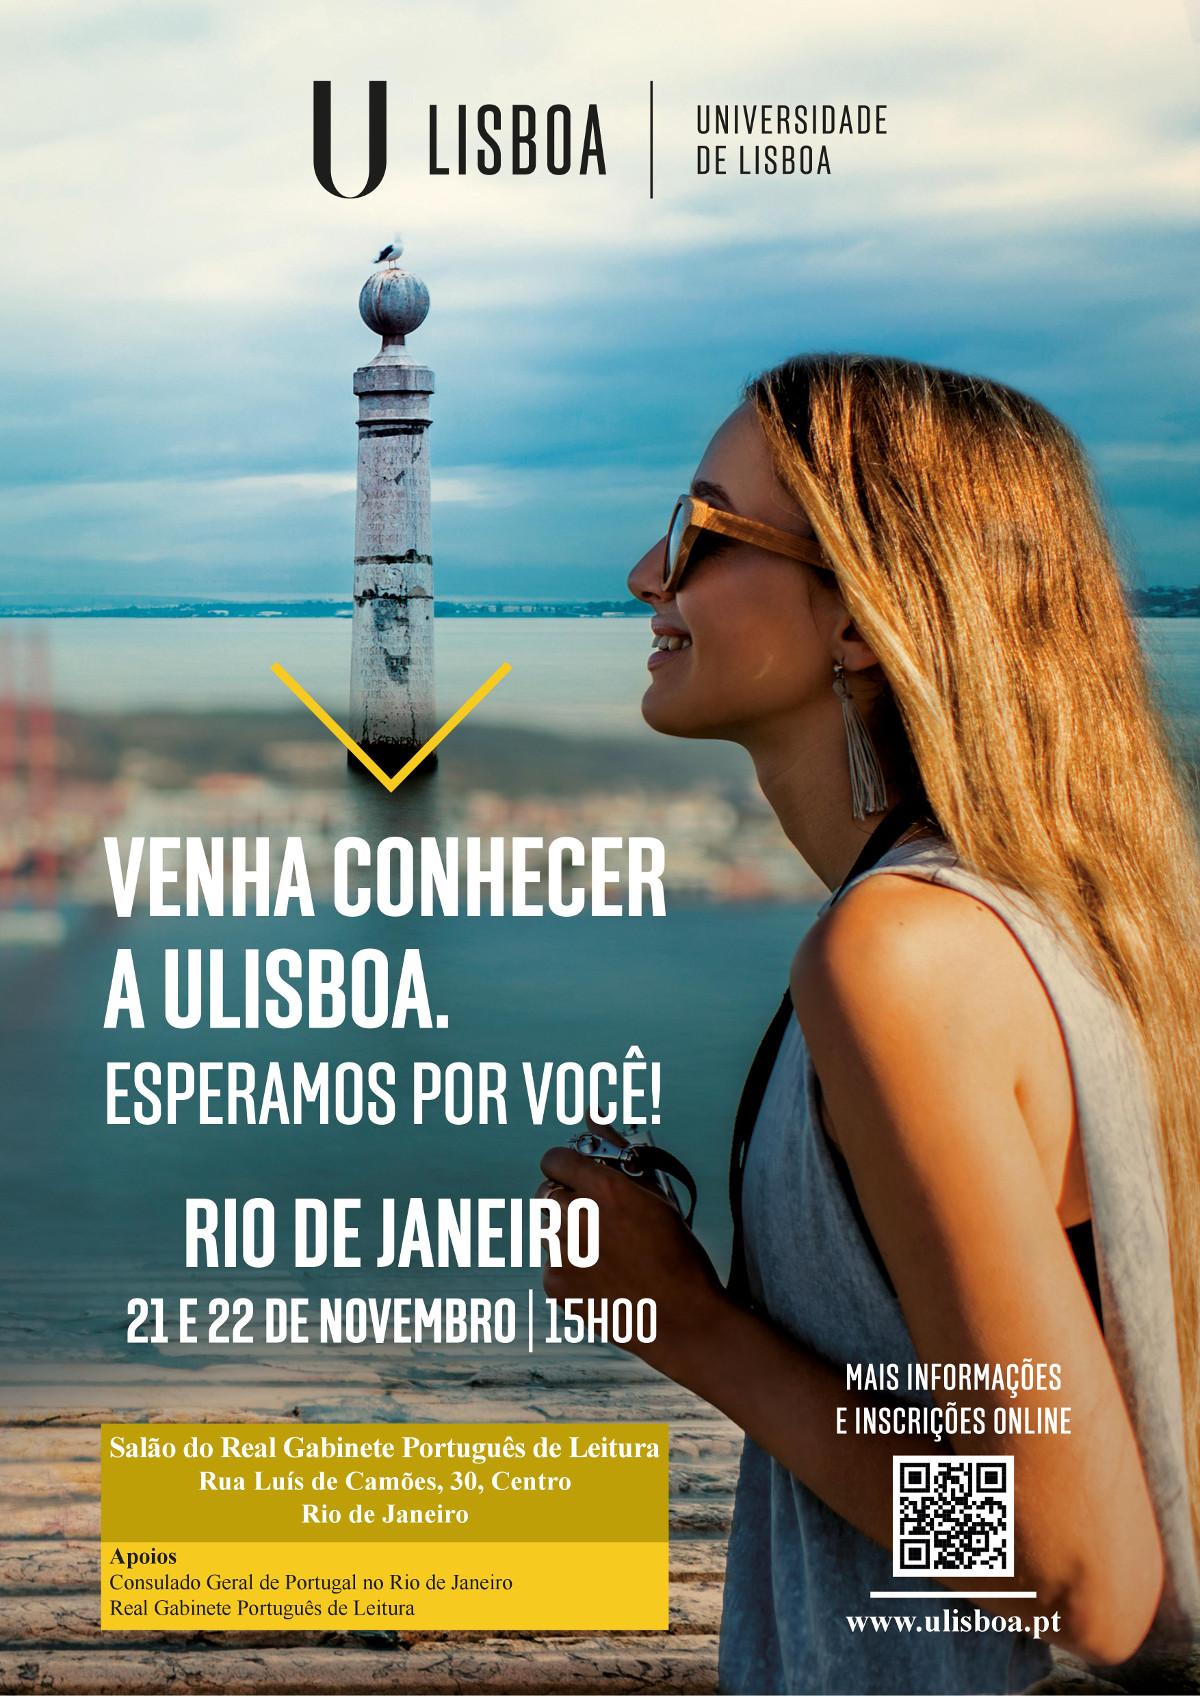 Estude na Universidade de Lisboa